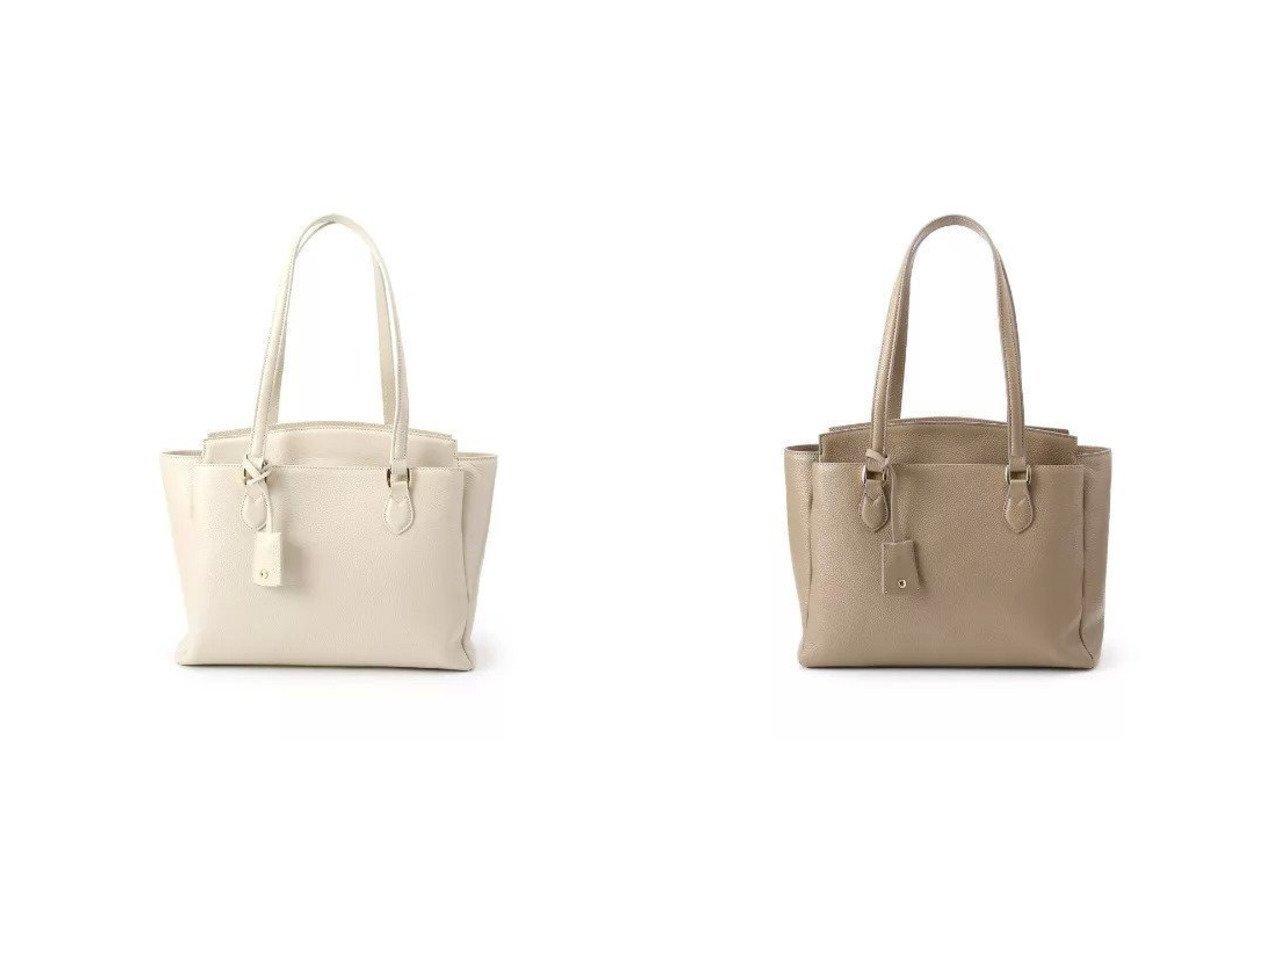 【UNTITLED/アンタイトル】のドレッサーシュリンクレザートートバッグ バッグ・鞄のおすすめ!人気、トレンド・レディースファッションの通販 おすすめで人気の流行・トレンド、ファッションの通販商品 メンズファッション・キッズファッション・インテリア・家具・レディースファッション・服の通販 founy(ファニー) https://founy.com/ ファッション Fashion レディースファッション WOMEN バッグ Bag ショルダー シンプル ポケット マグネット |ID:crp329100000015352